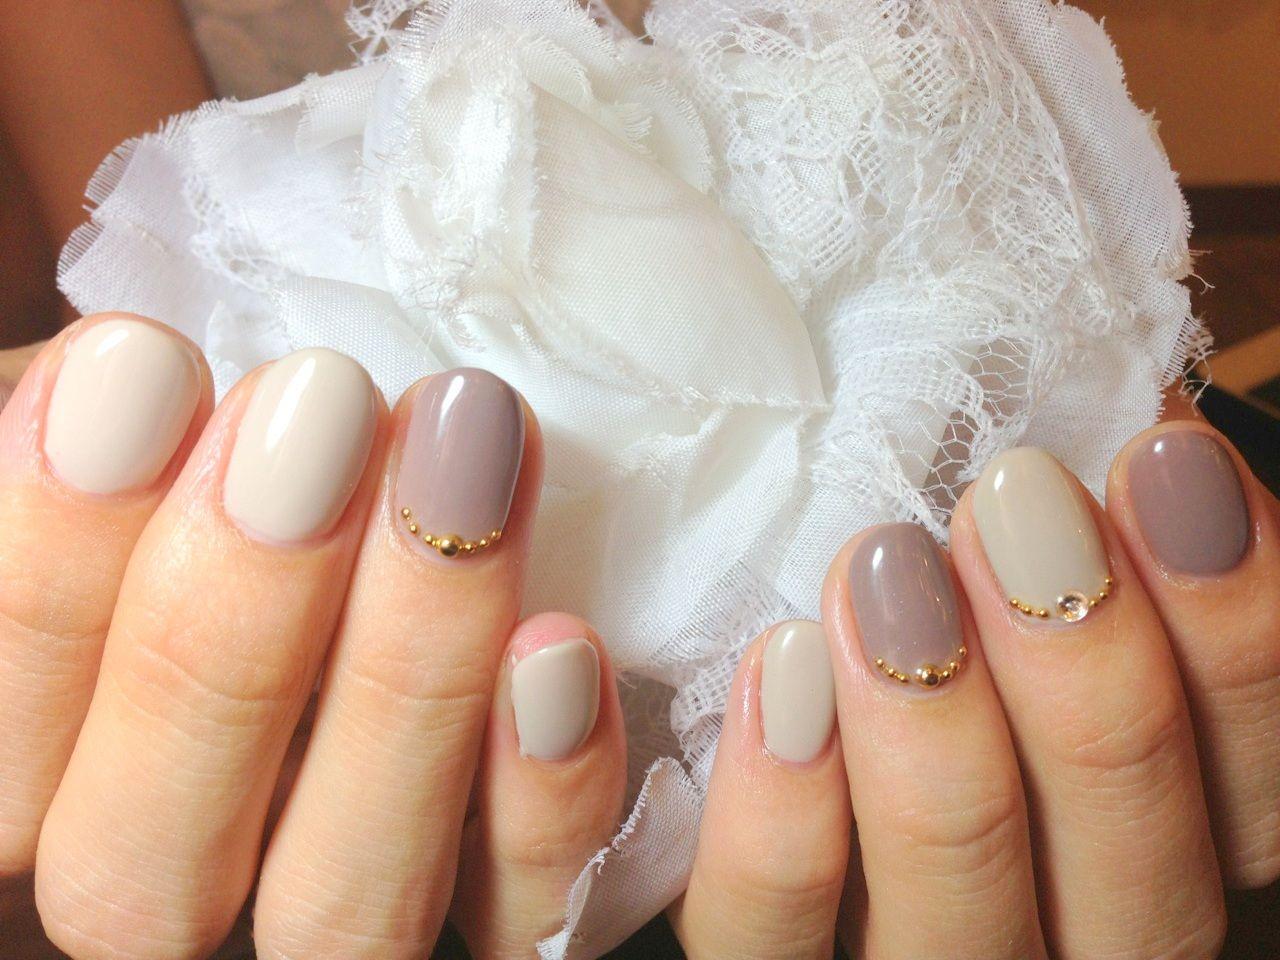 1,000 件以上の 「nail simple」のおしゃれアイデアまとめ|Pinterest の画像